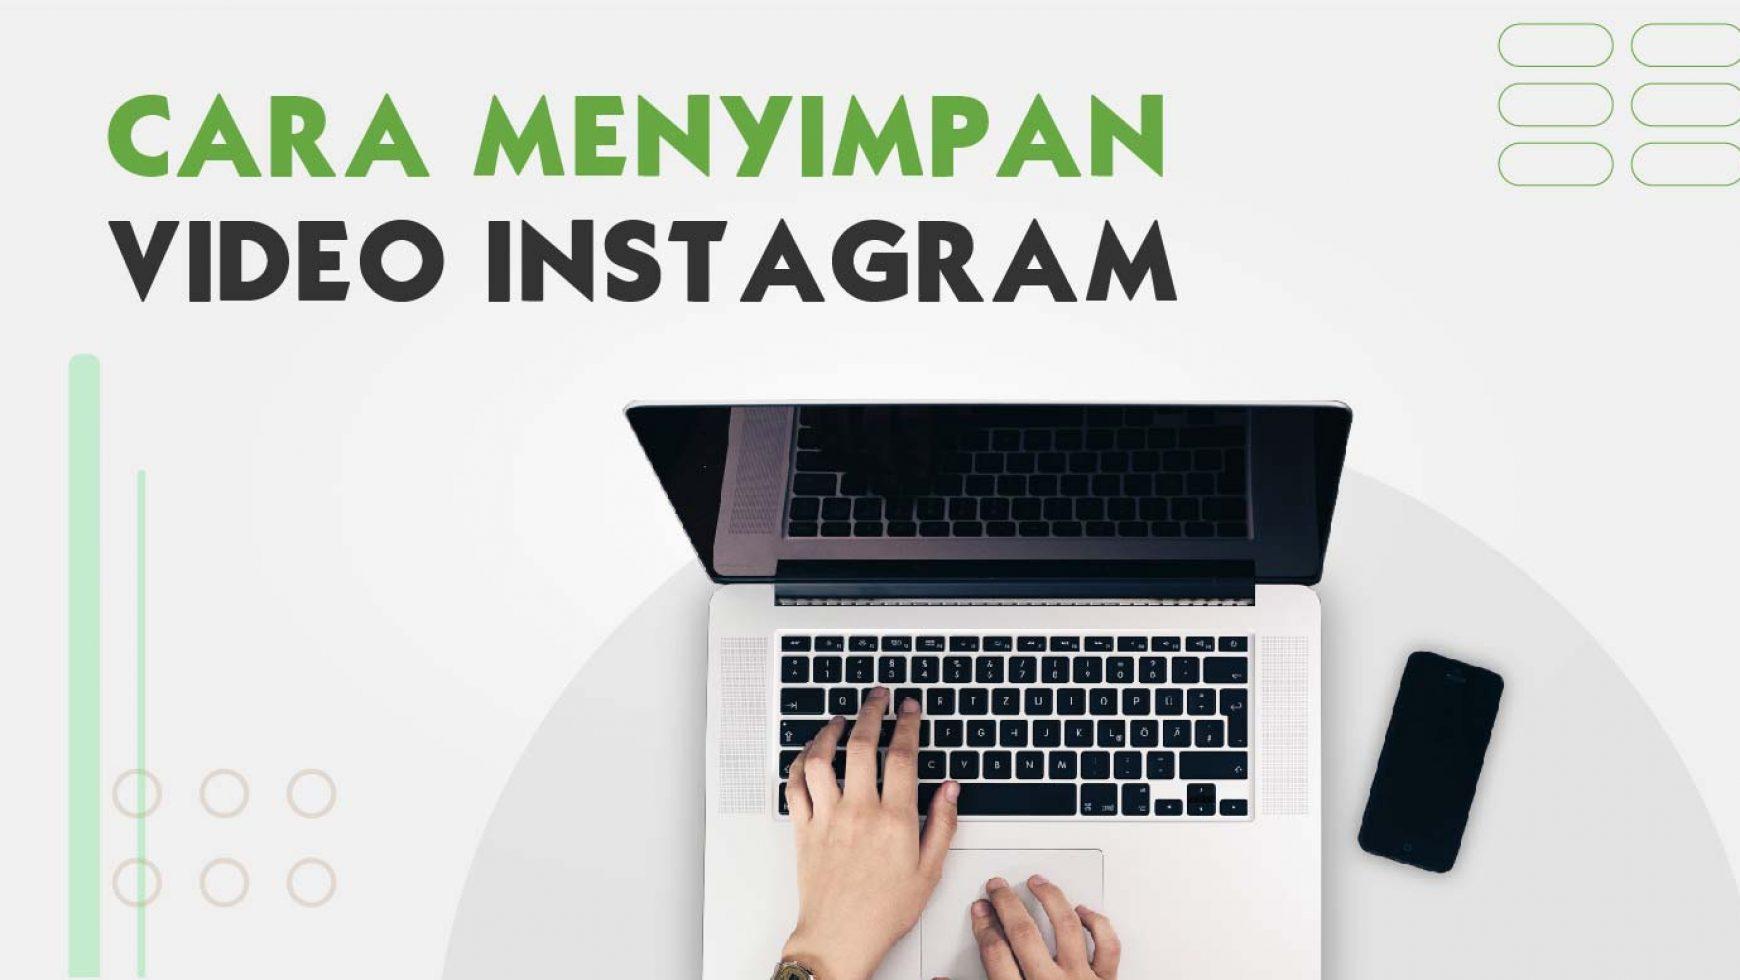 Cara Menyimpan Video Dari Instagram dengan Mudah, Ini 7 Langkahnya